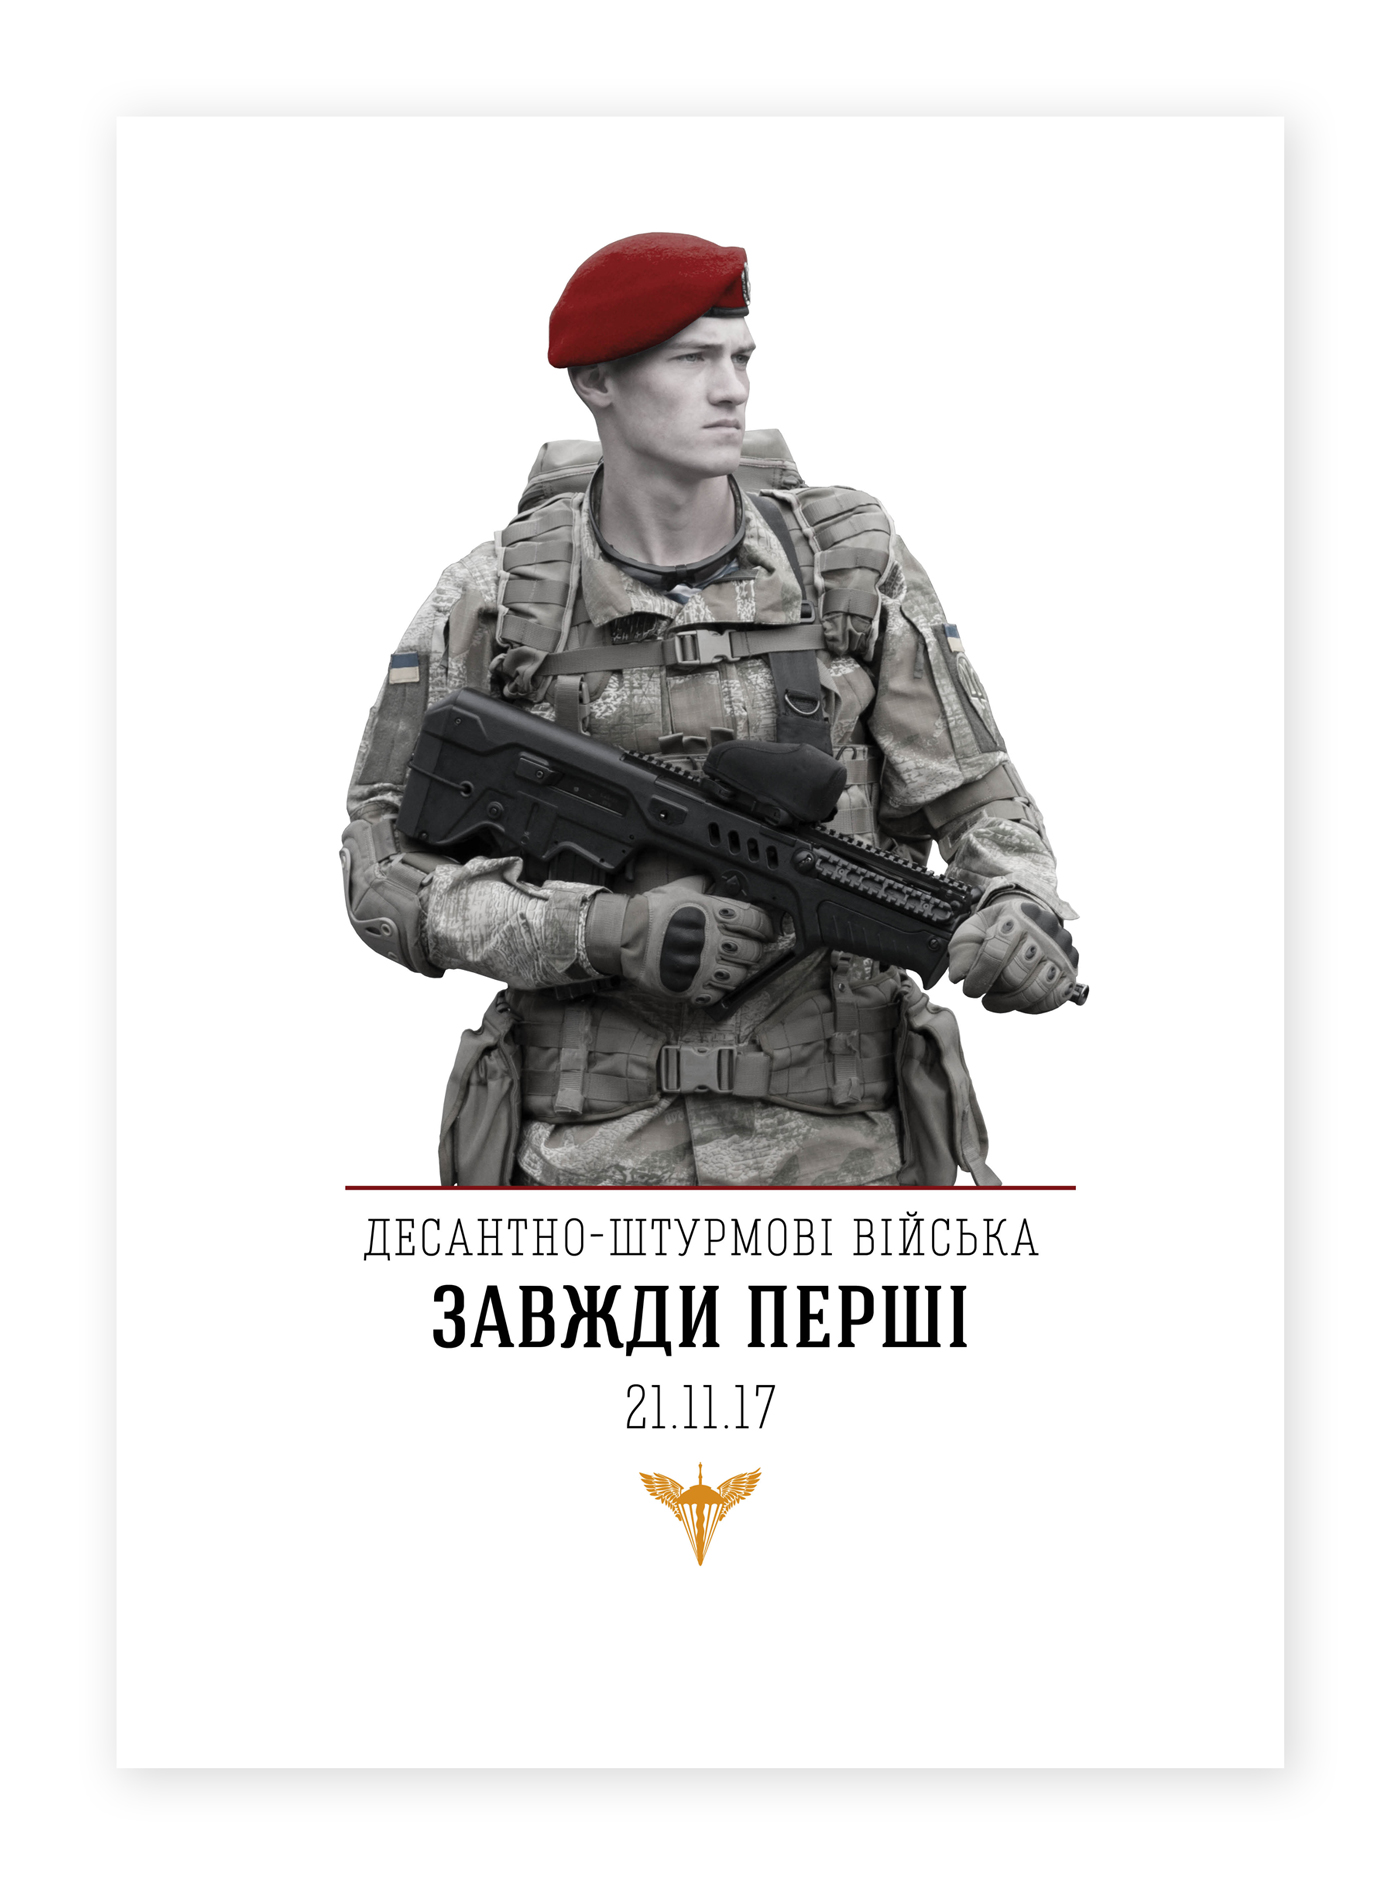 У студії до Дня десантно-штурмових військ України та Дня прощання з блакитним беретом розробили плакат і білборд.